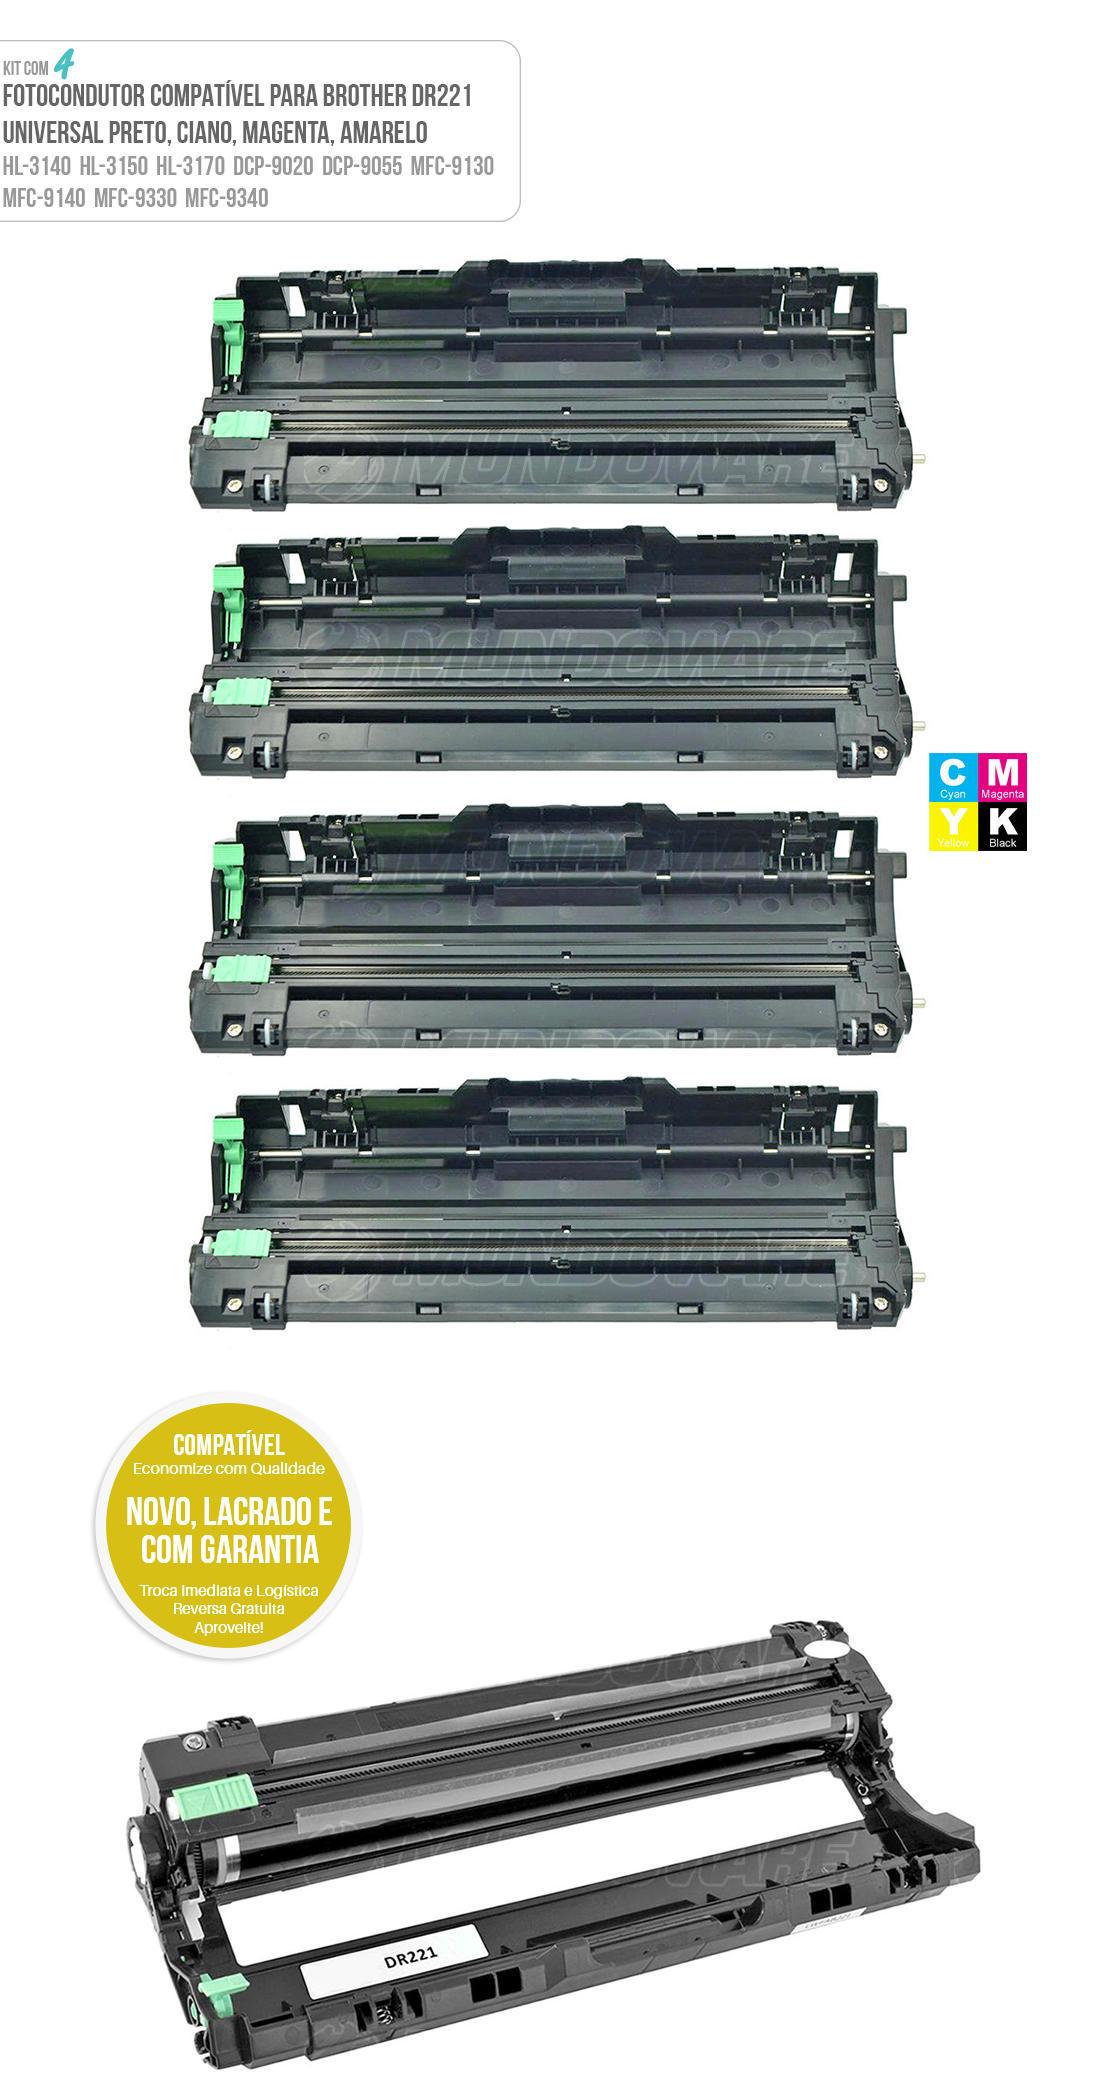 4 peças de Cartuchos de Cilindro Compatível com DR221 para Toner Colorido TN221 TN225 para impressora MFC-9130CW MFC-9330CDW MFC-9340CDW HL-3140CW HL-3150CDN HL-3170CDW